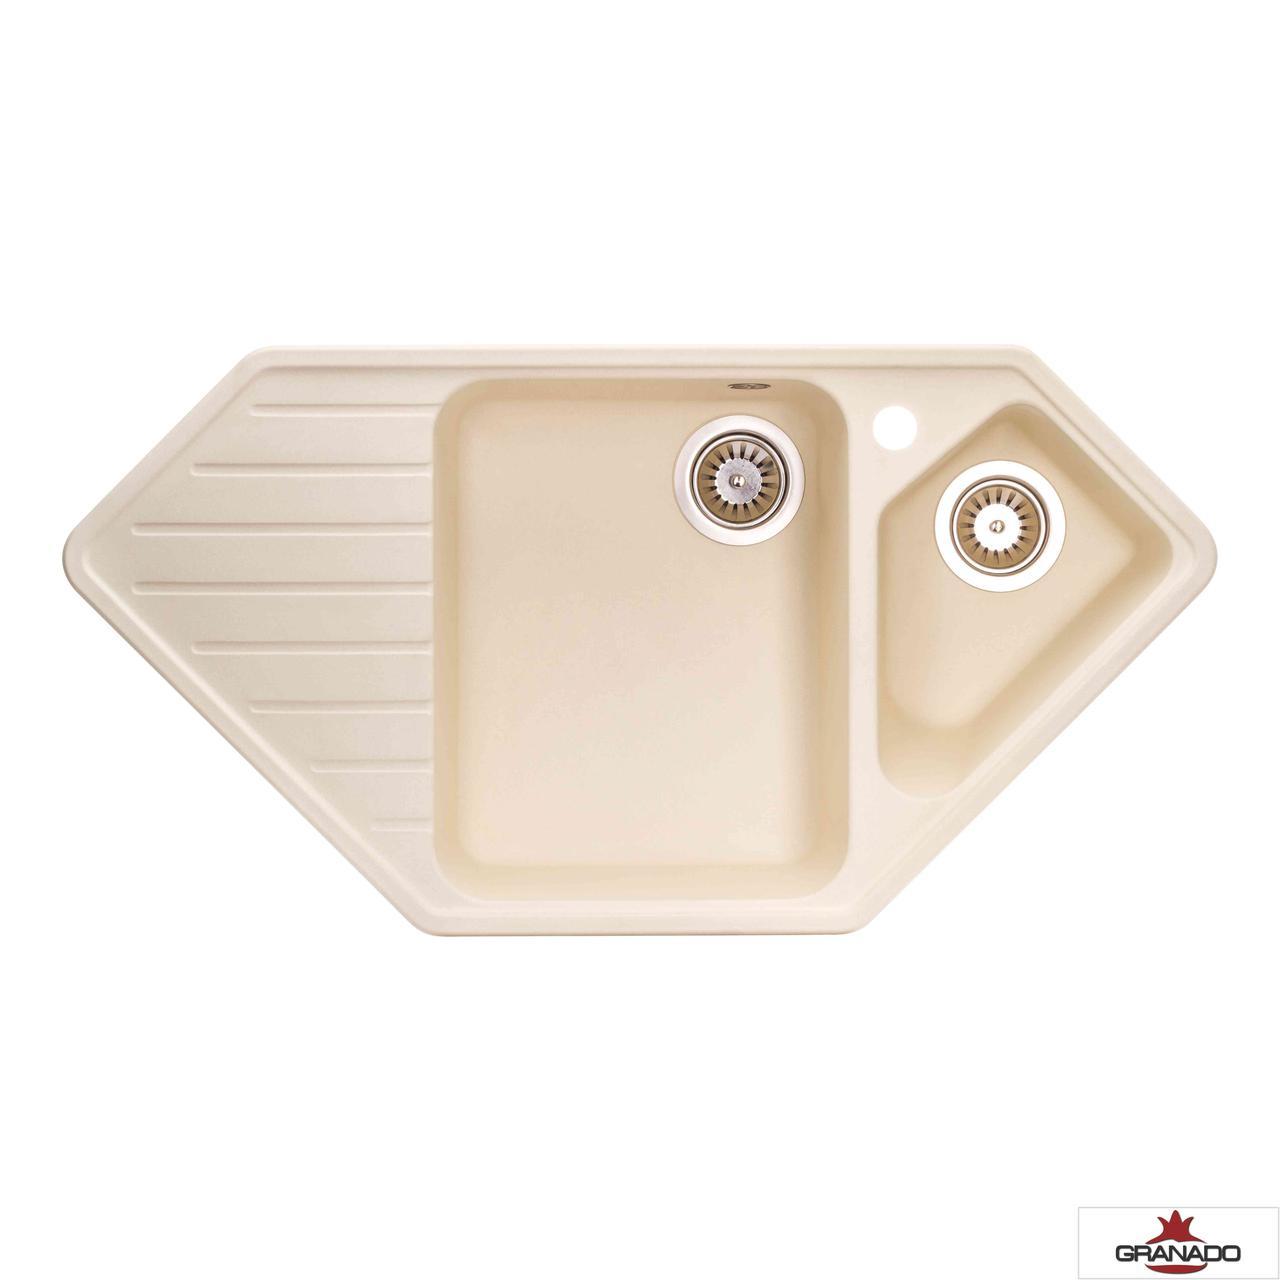 Мойка угловая на кухню с евросифоном 98*50 см Granado IBIZA Ivory 1804